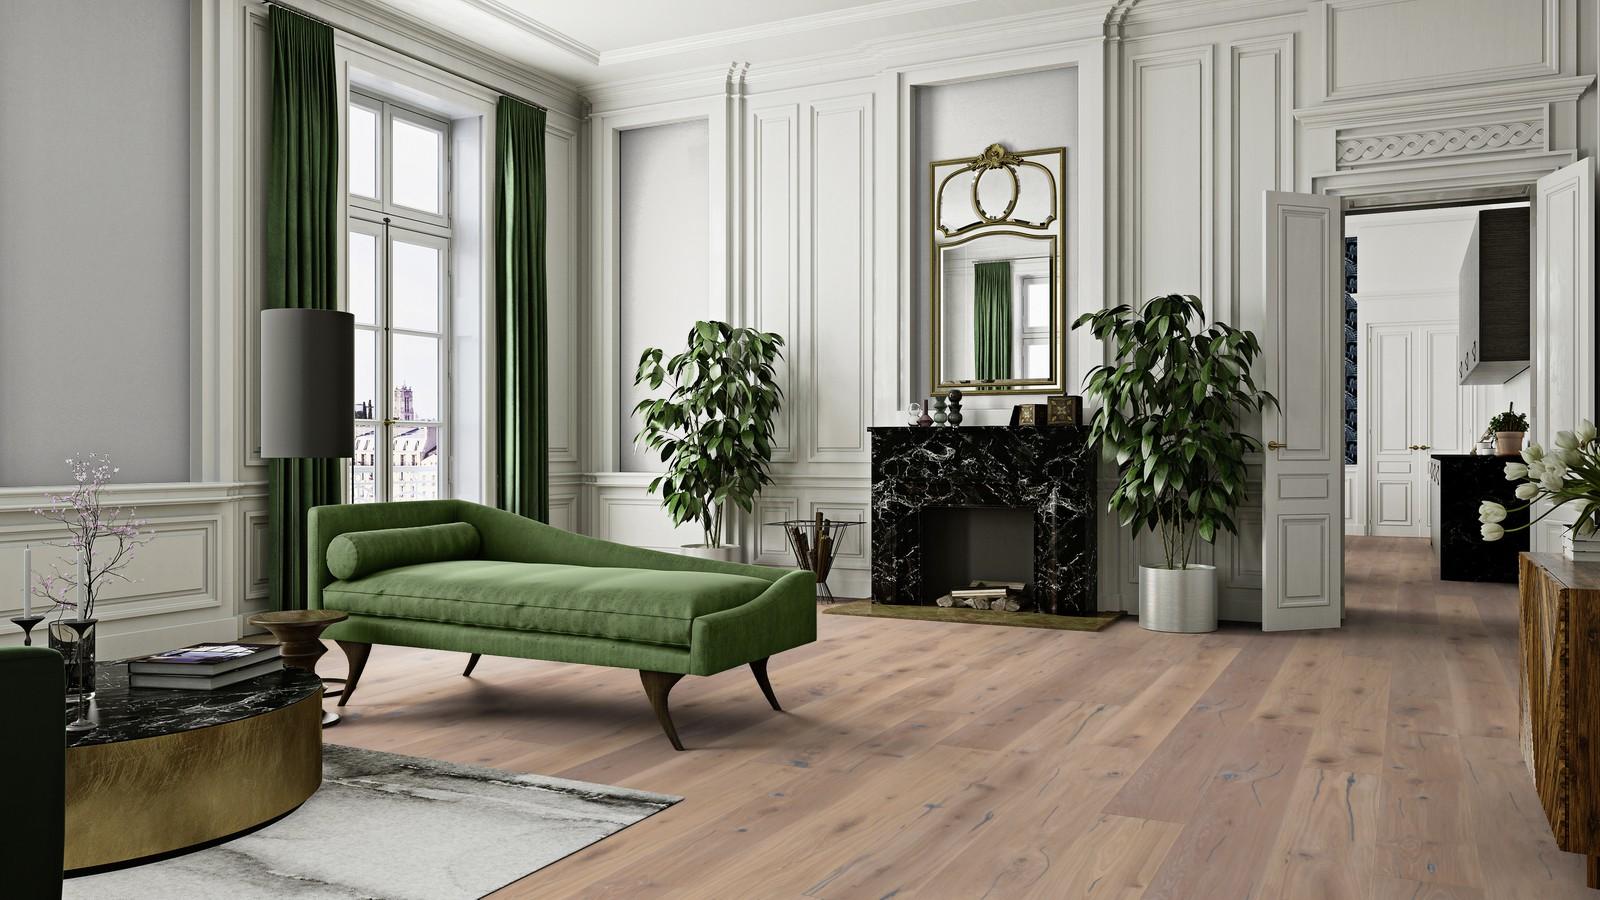 socyzmwd boen parkett chaletino landhausdiele 300 mm eiche vintage white gefast gehobelt tief. Black Bedroom Furniture Sets. Home Design Ideas